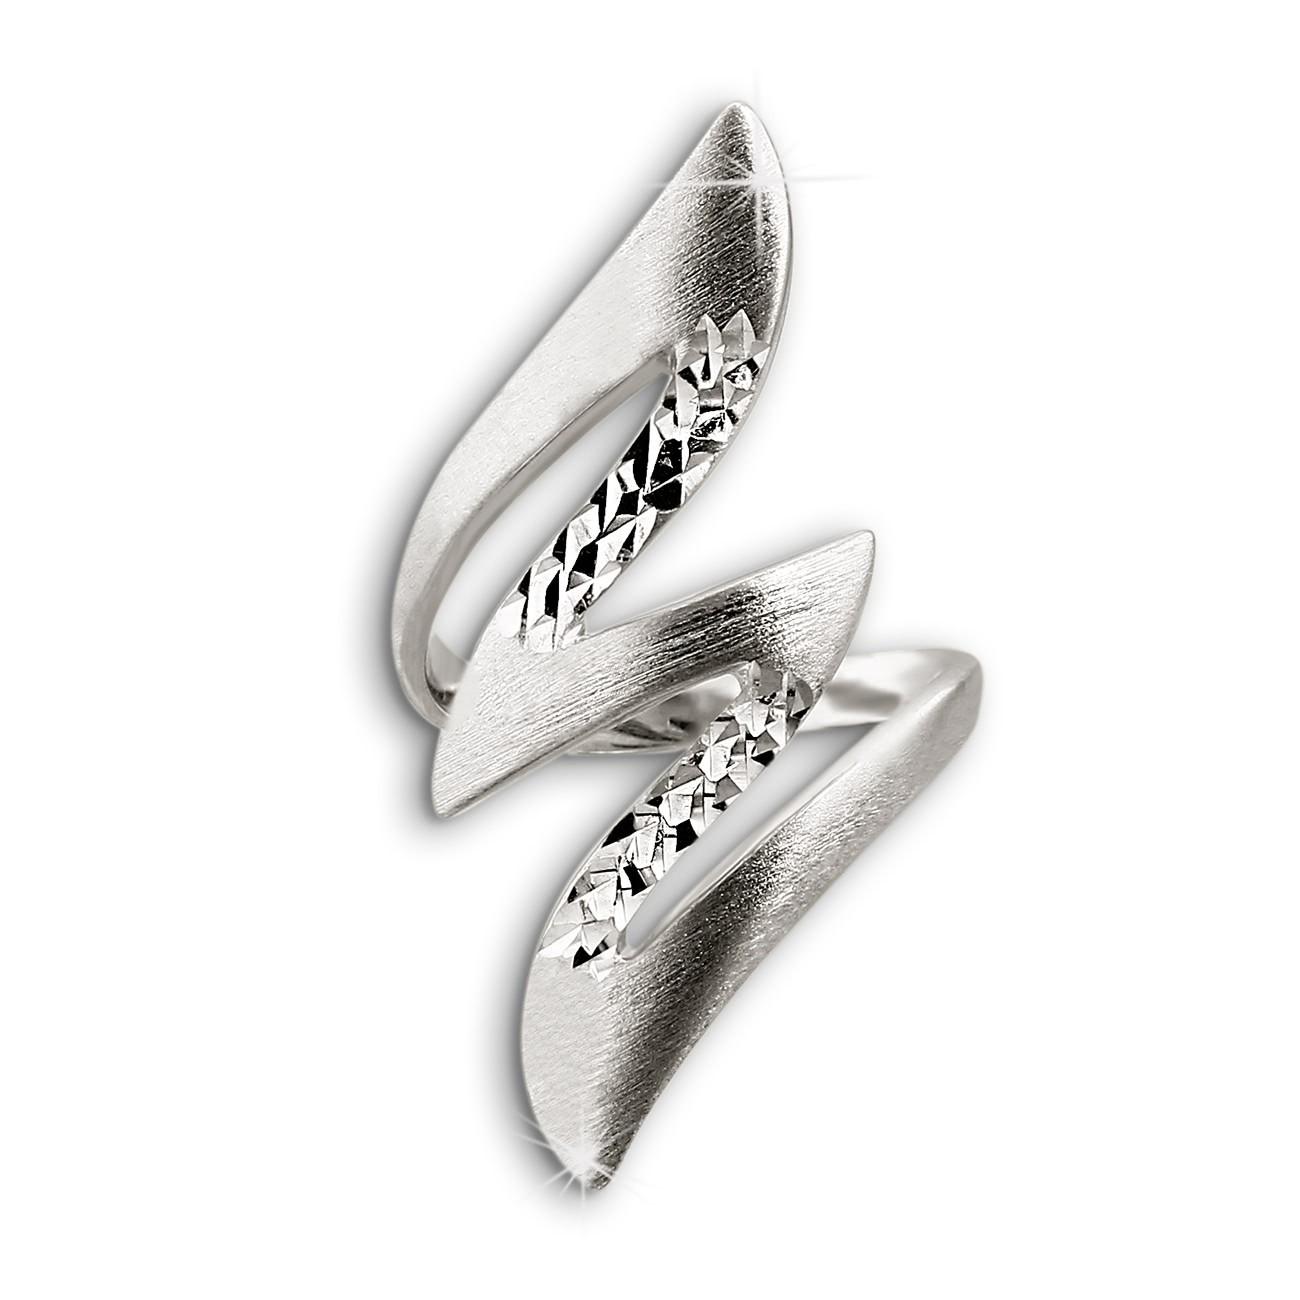 SilberDream Ring Blitz Gr. 52 Sterling 925er Silber SDR405J52